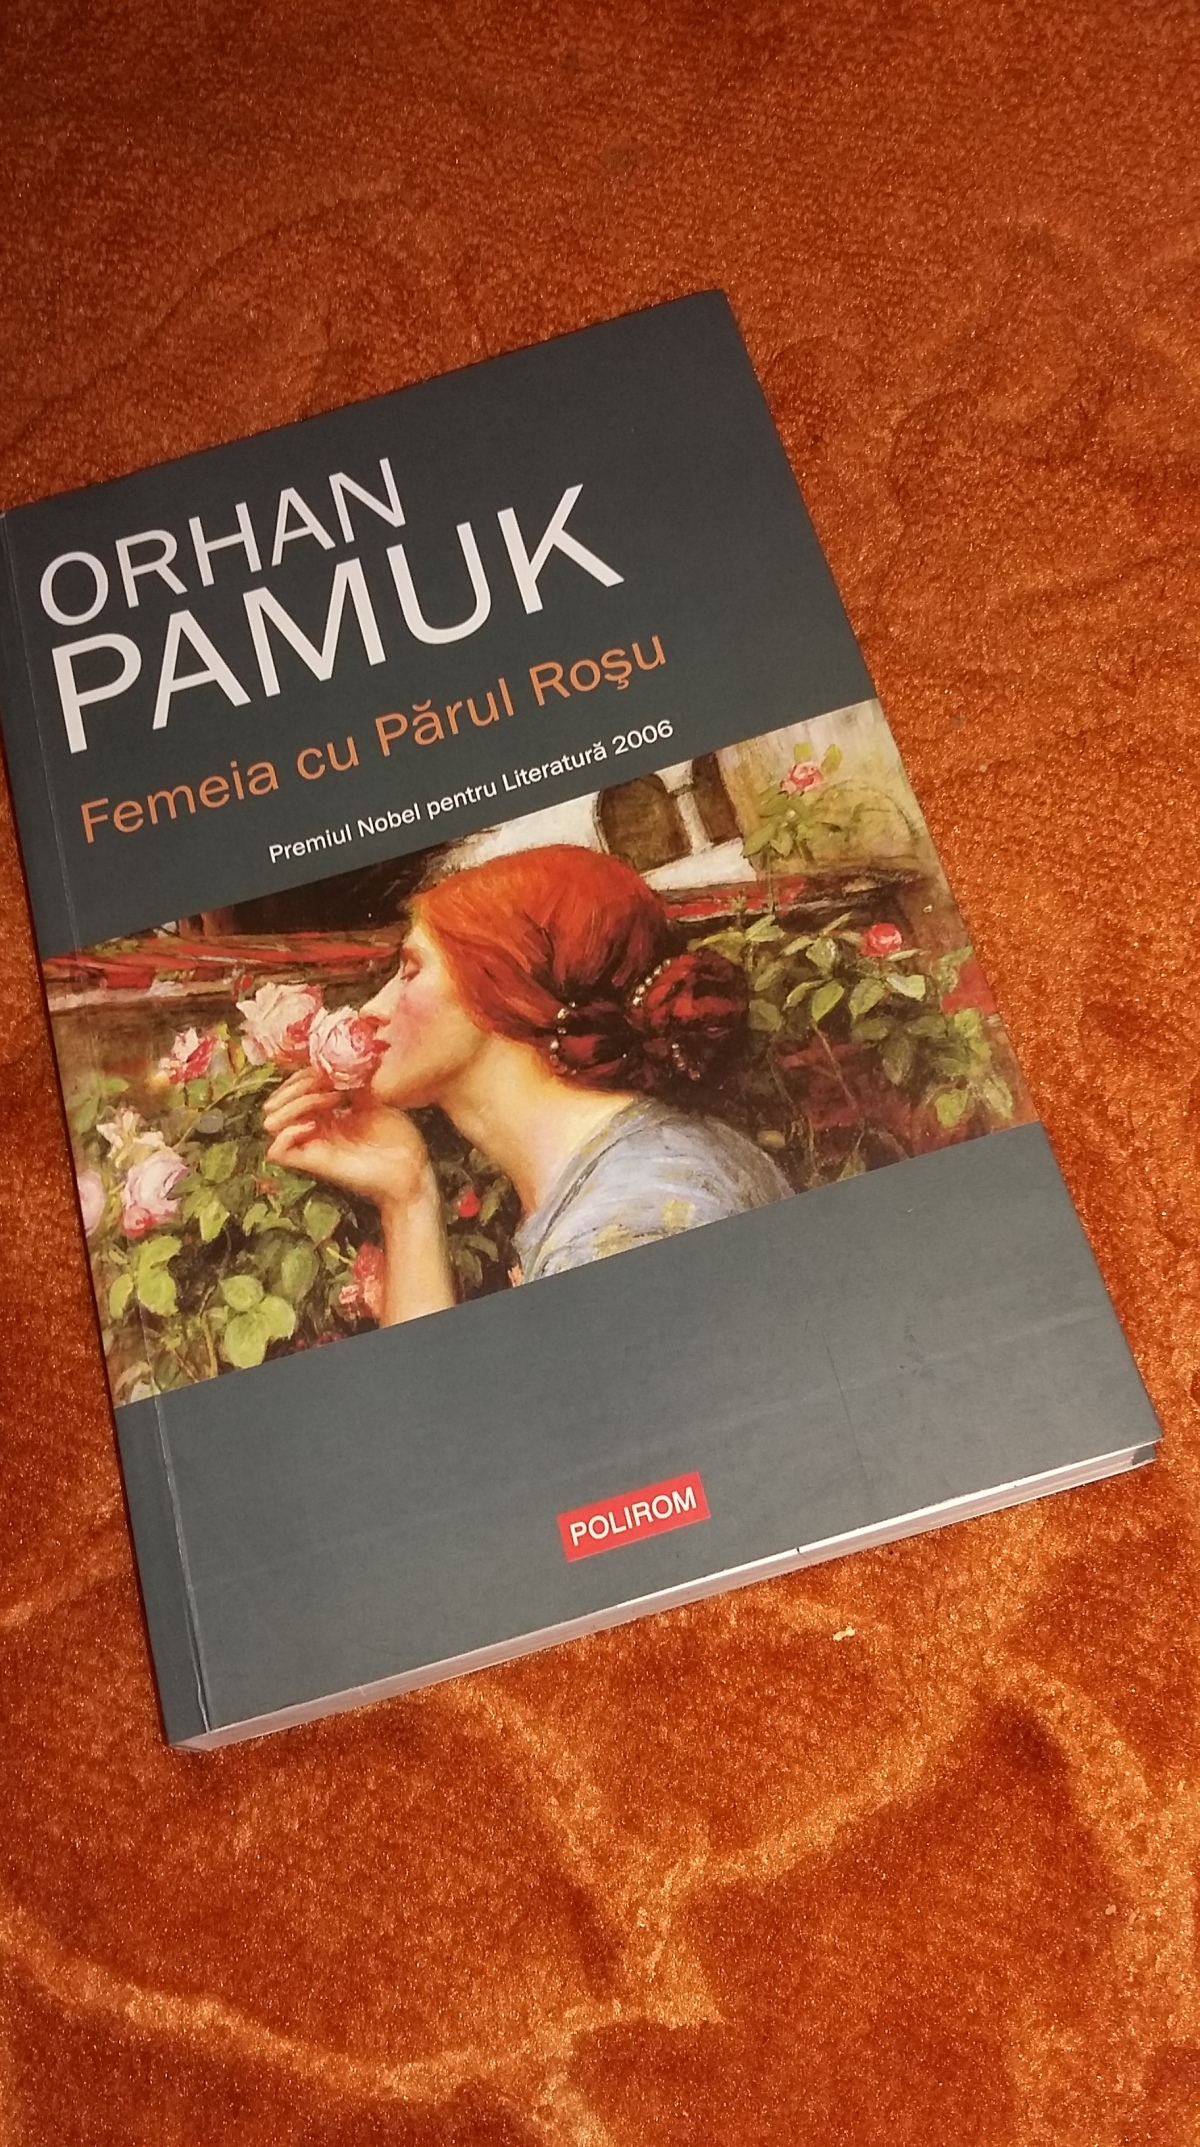 """Orhan Pamuk – """"Femeia cu PărulRoşu"""""""